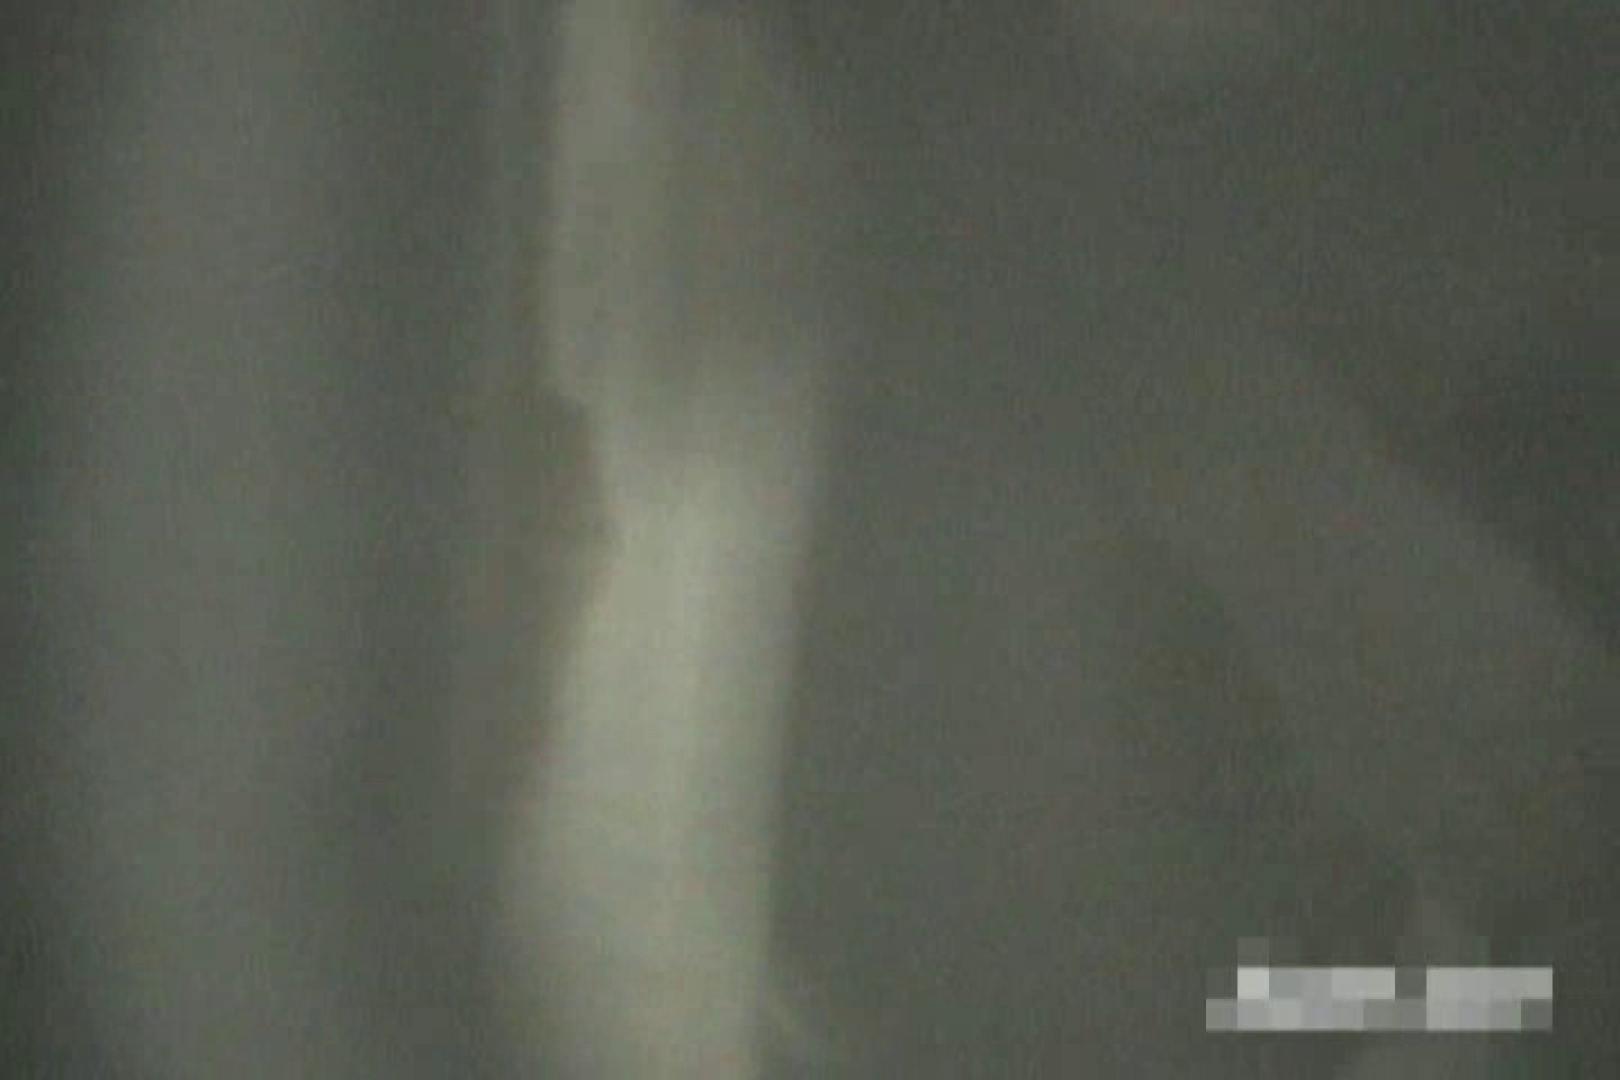 激撮ストーカー記録あなたのお宅拝見しますVol.5 性欲 盗撮動画紹介 70pic 47